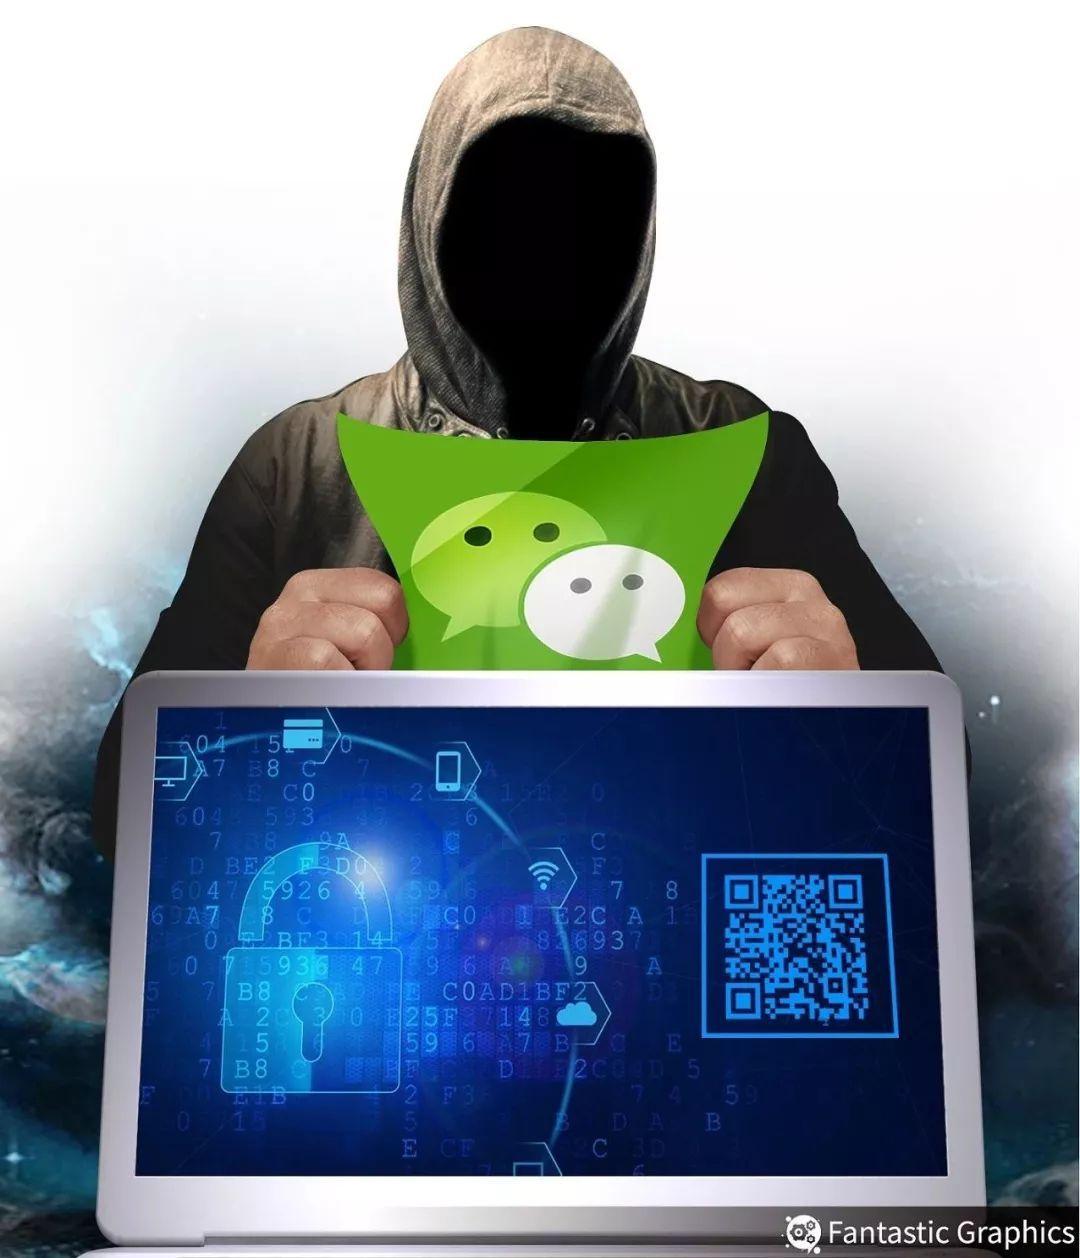 新型勒索病毒已被破解 始作俑者身份疑似曝光的照片 - 3